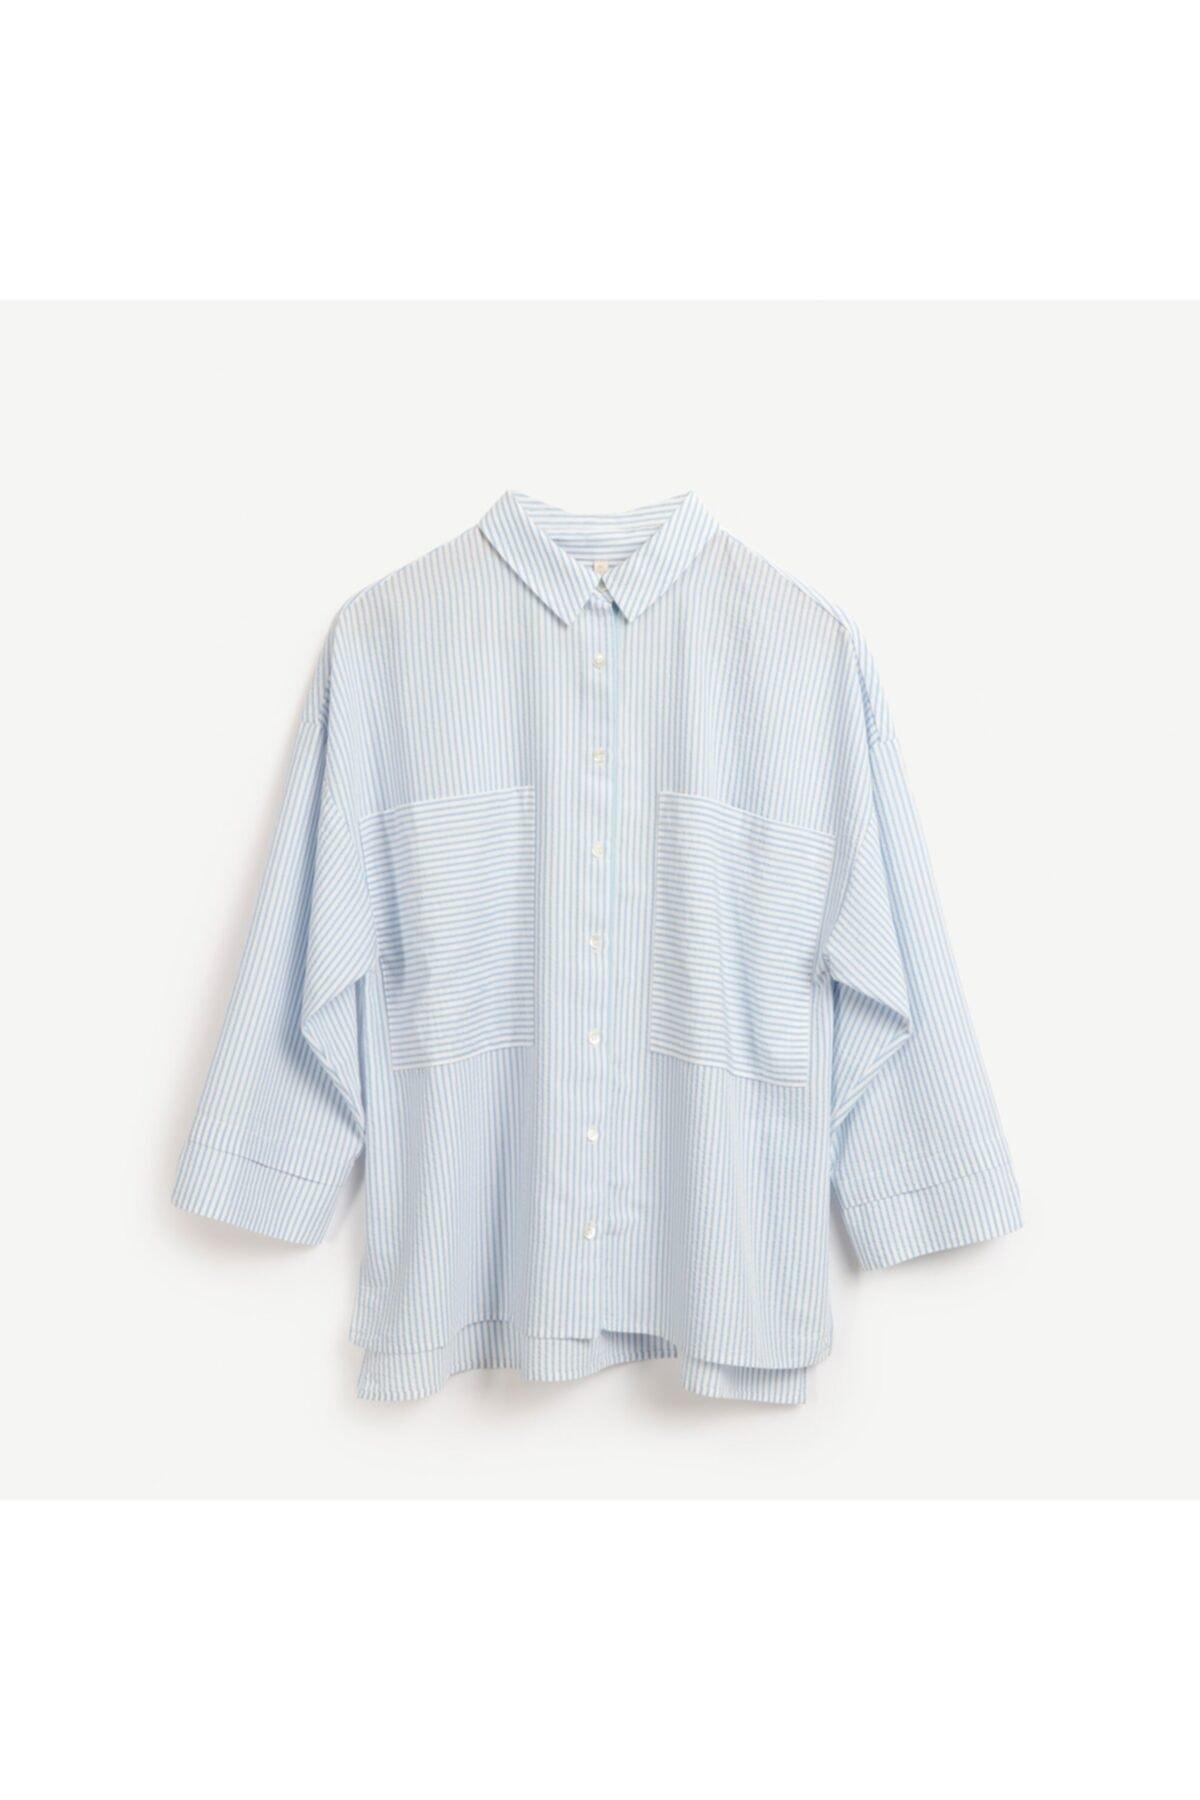 Yargıcı Cep Detaylı Rahat Kalıp Gömlek